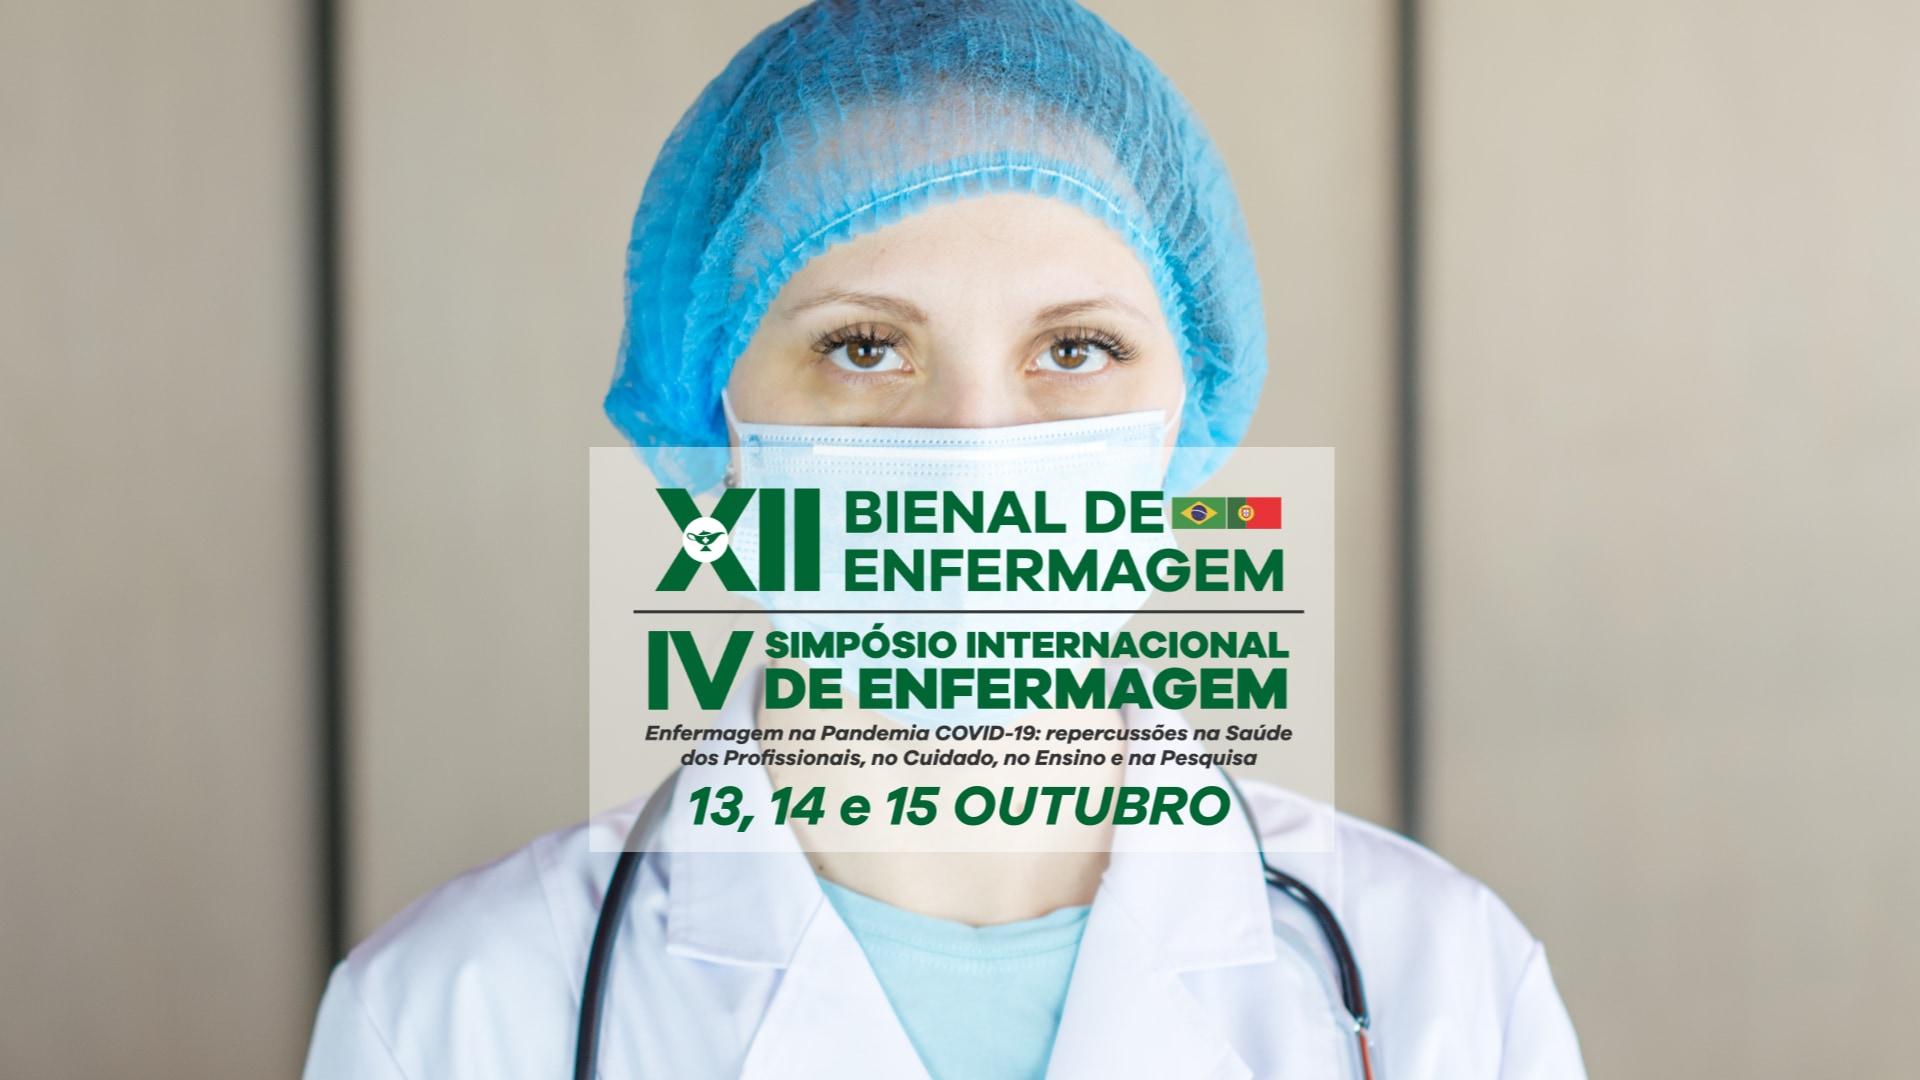 Escola Superior de Saúde de V. N. de Gaia co-organiza evento internacional de enfermagem